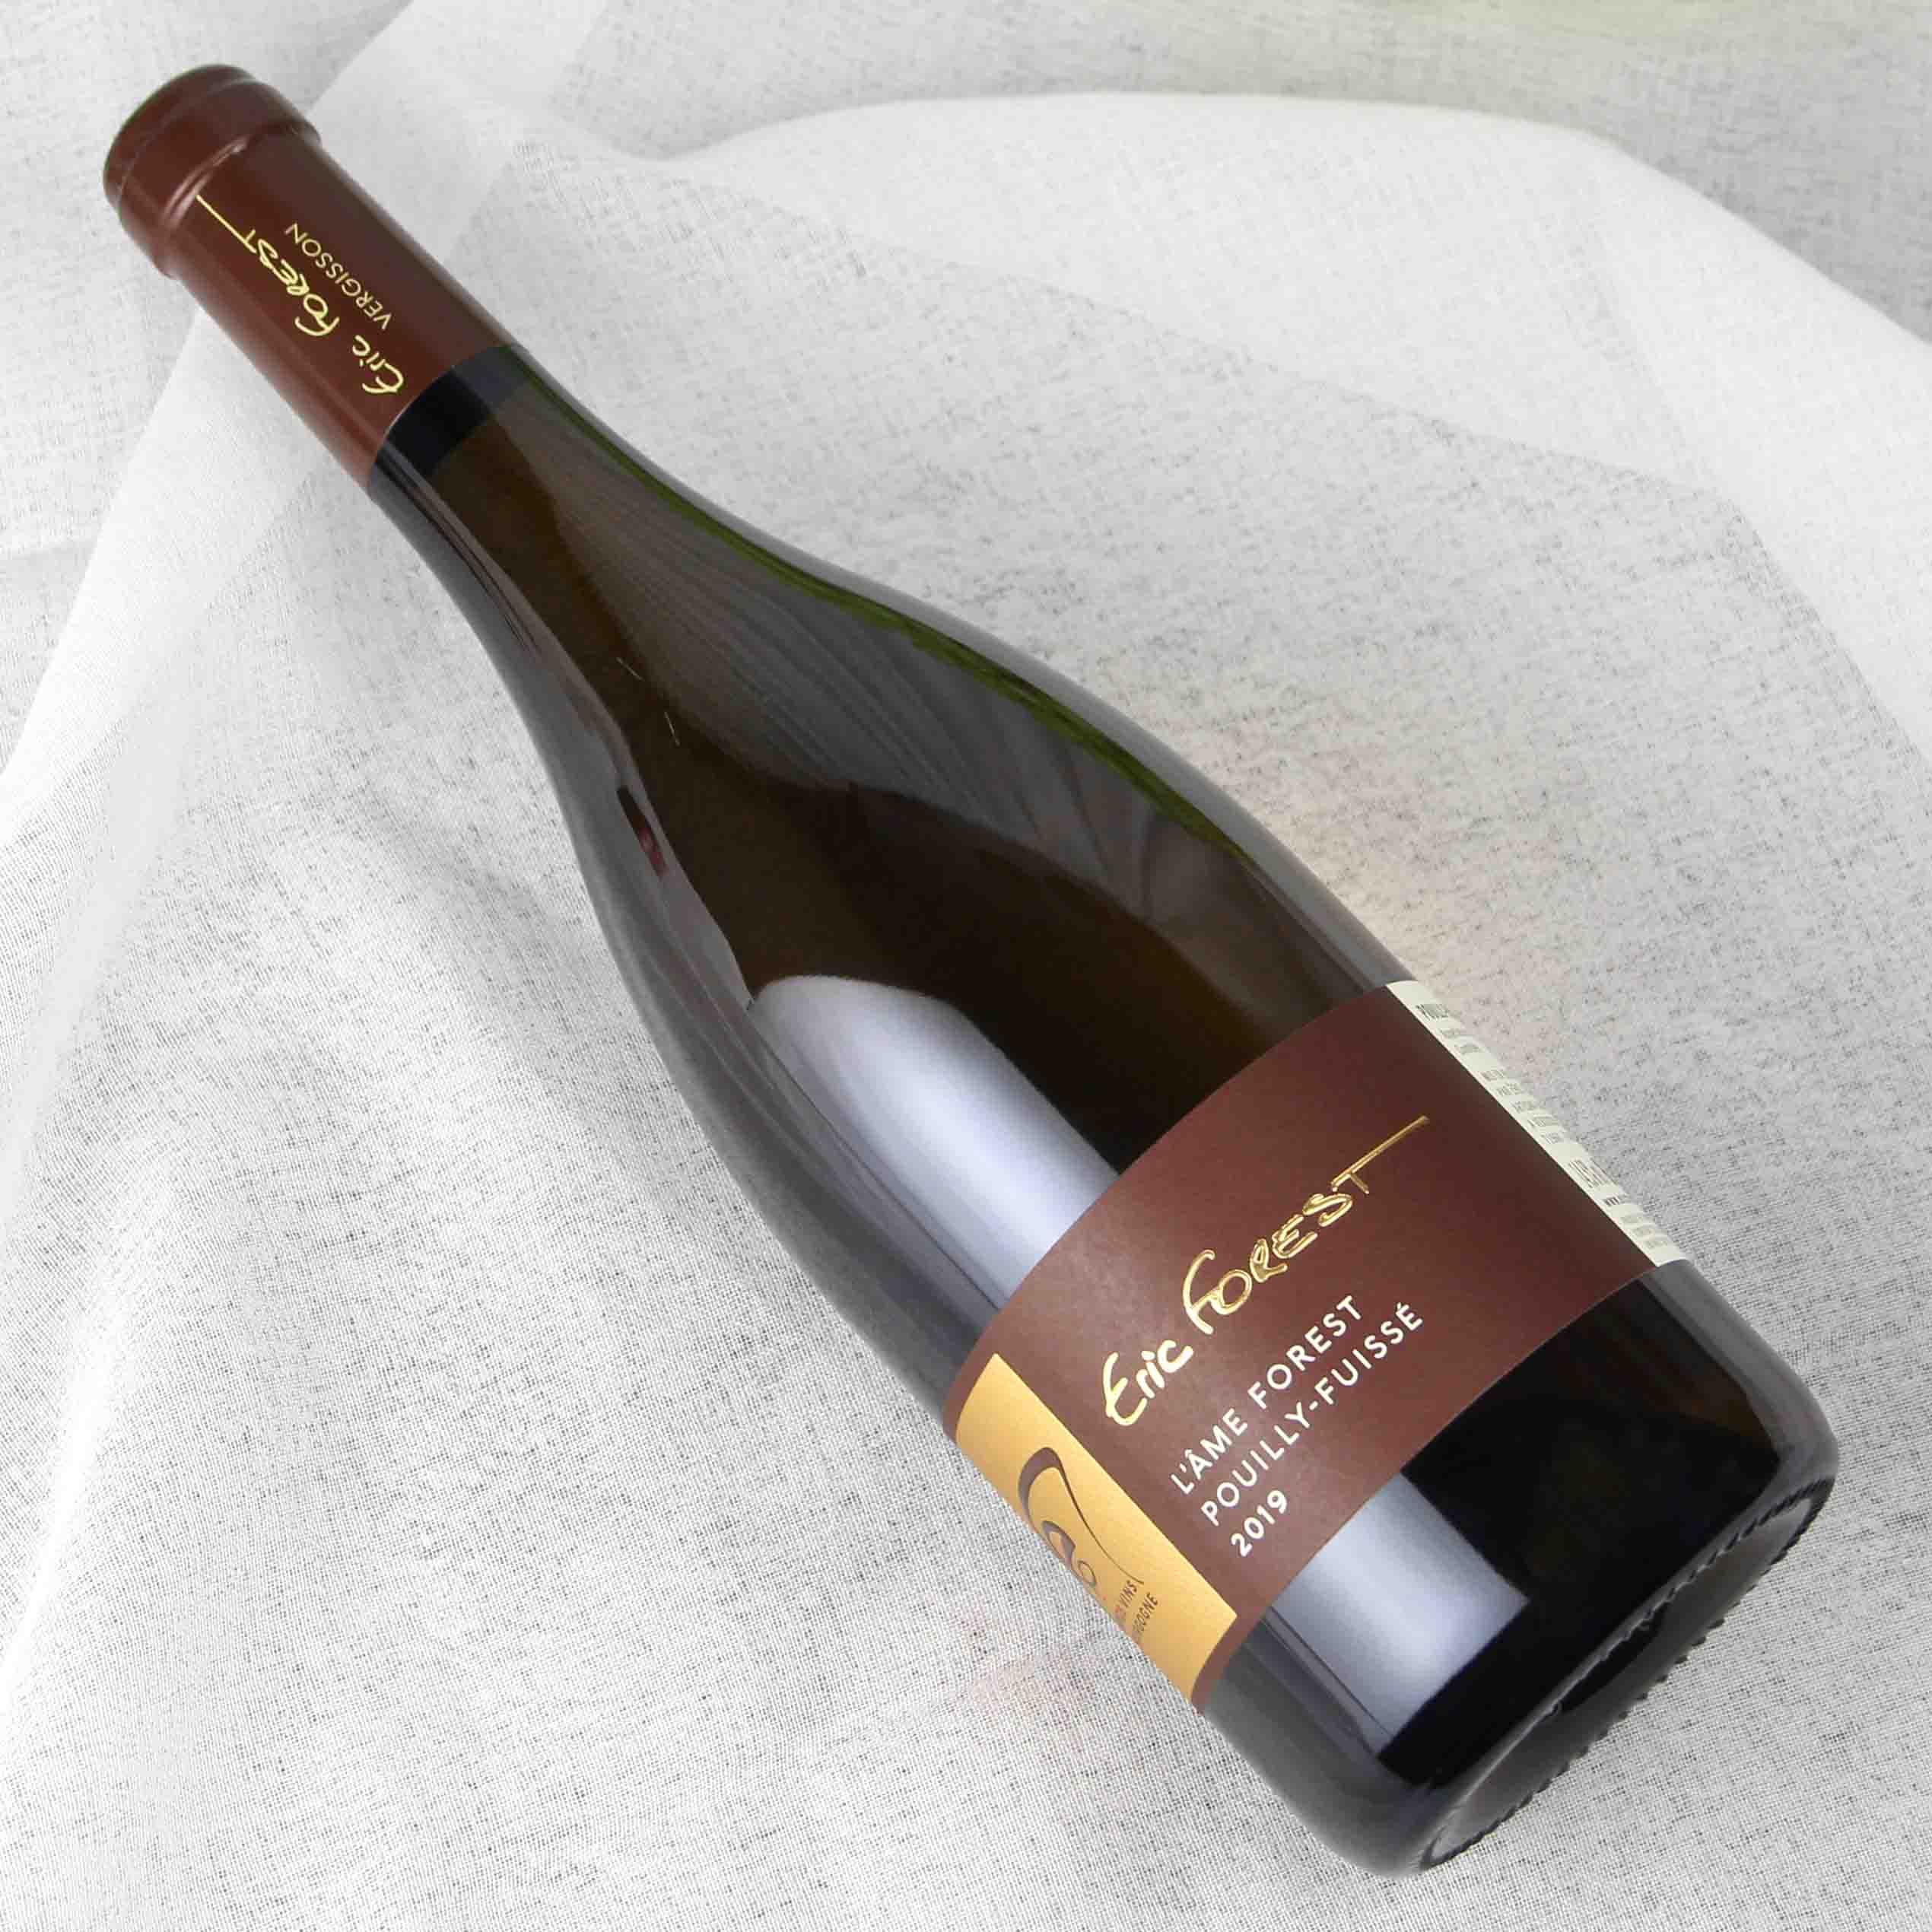 法国勃艮第富瑞酒庄 普依富塞村白葡萄酒